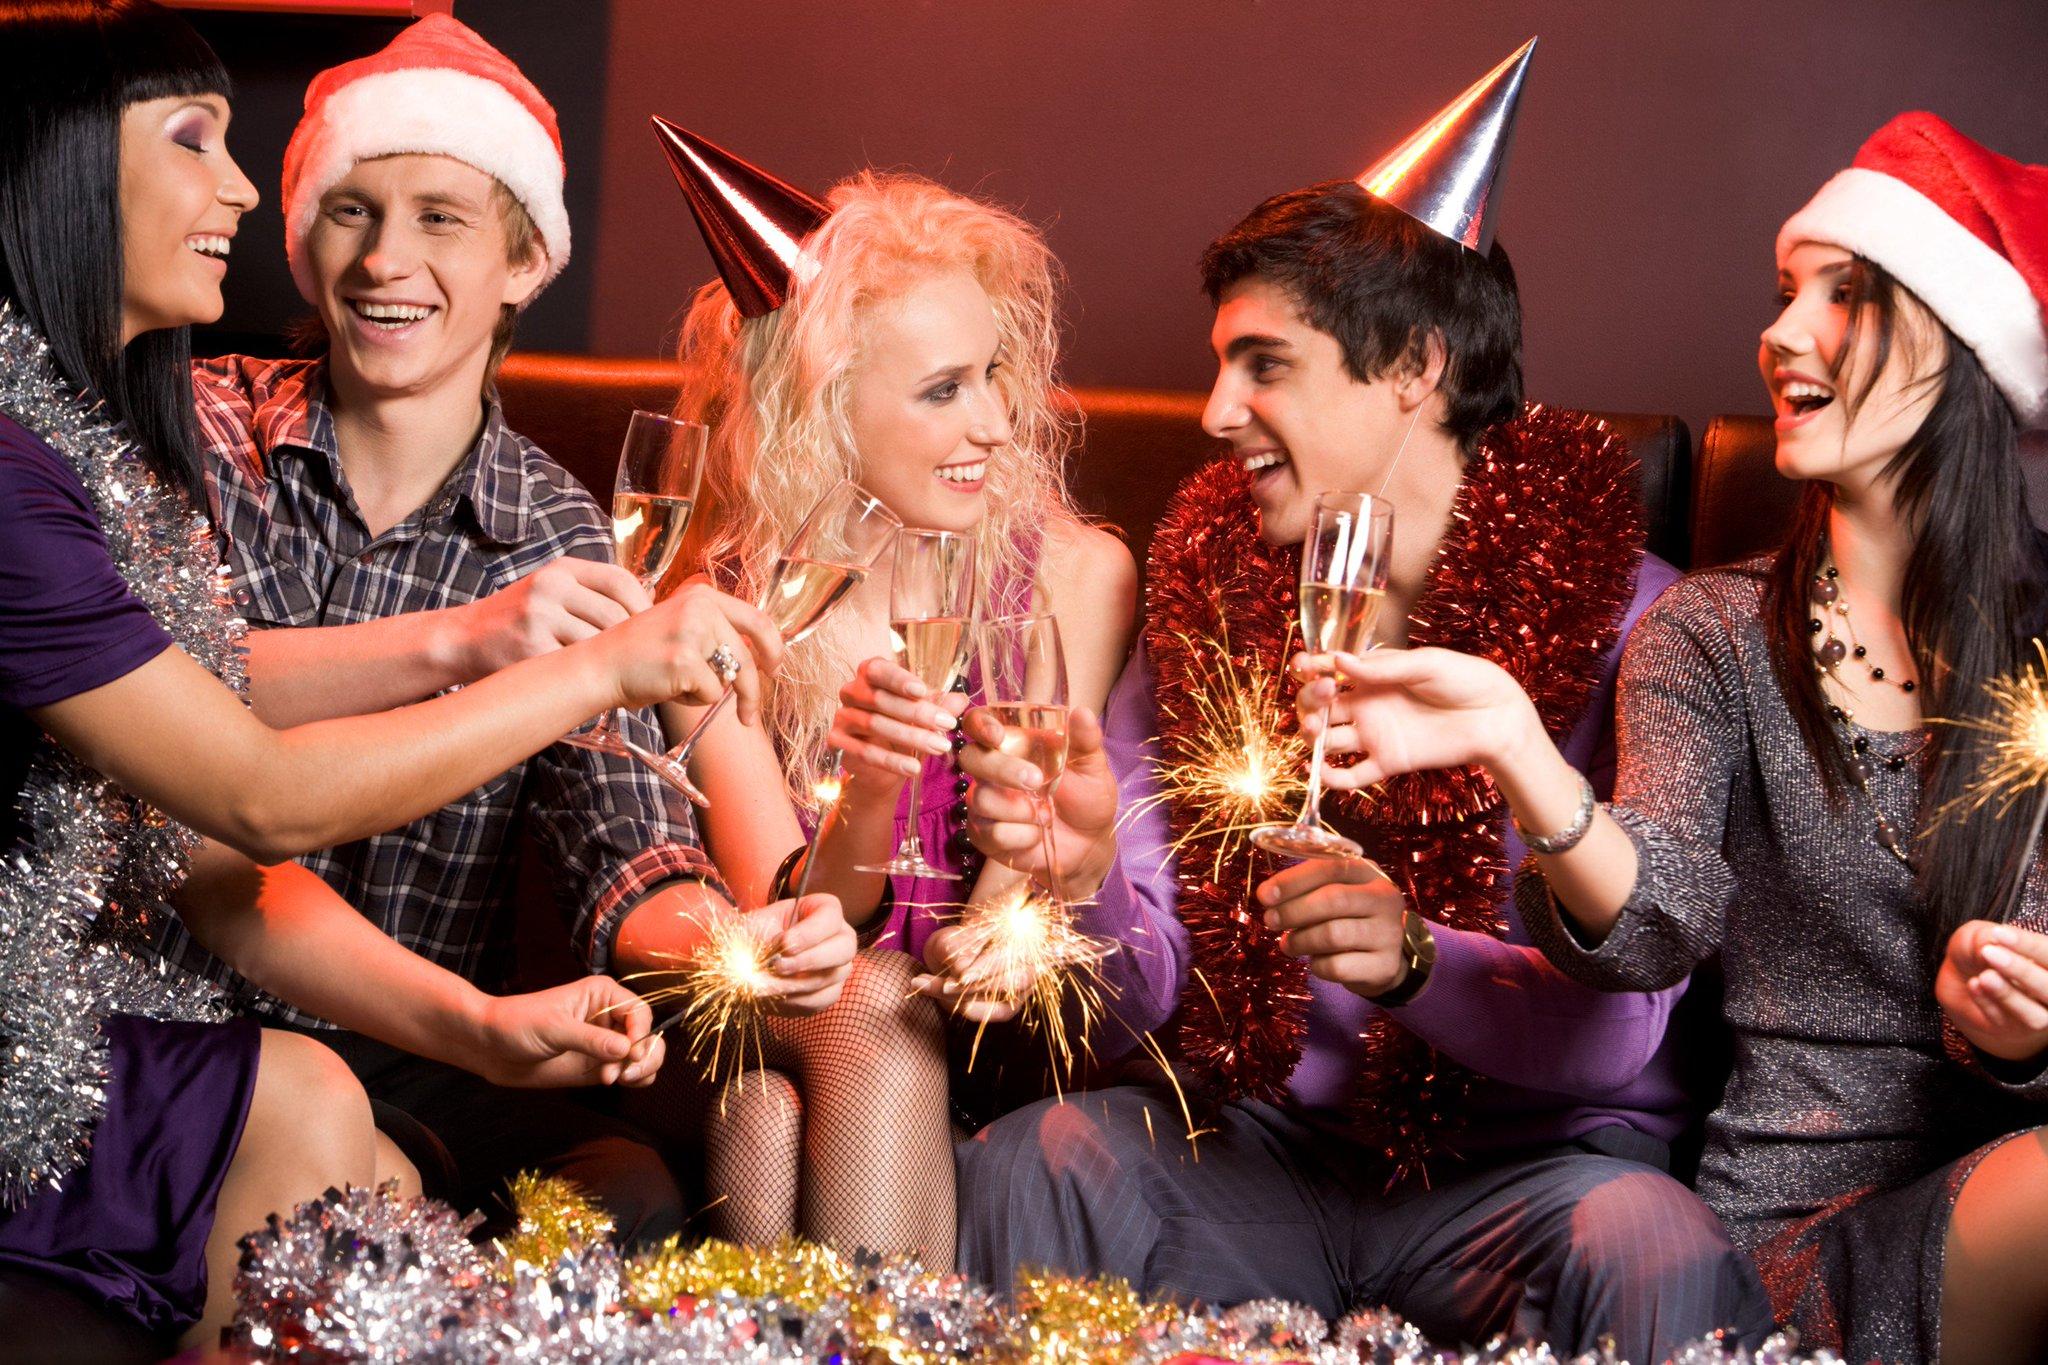 прикольные поздравительные фото к новому году для прихожей